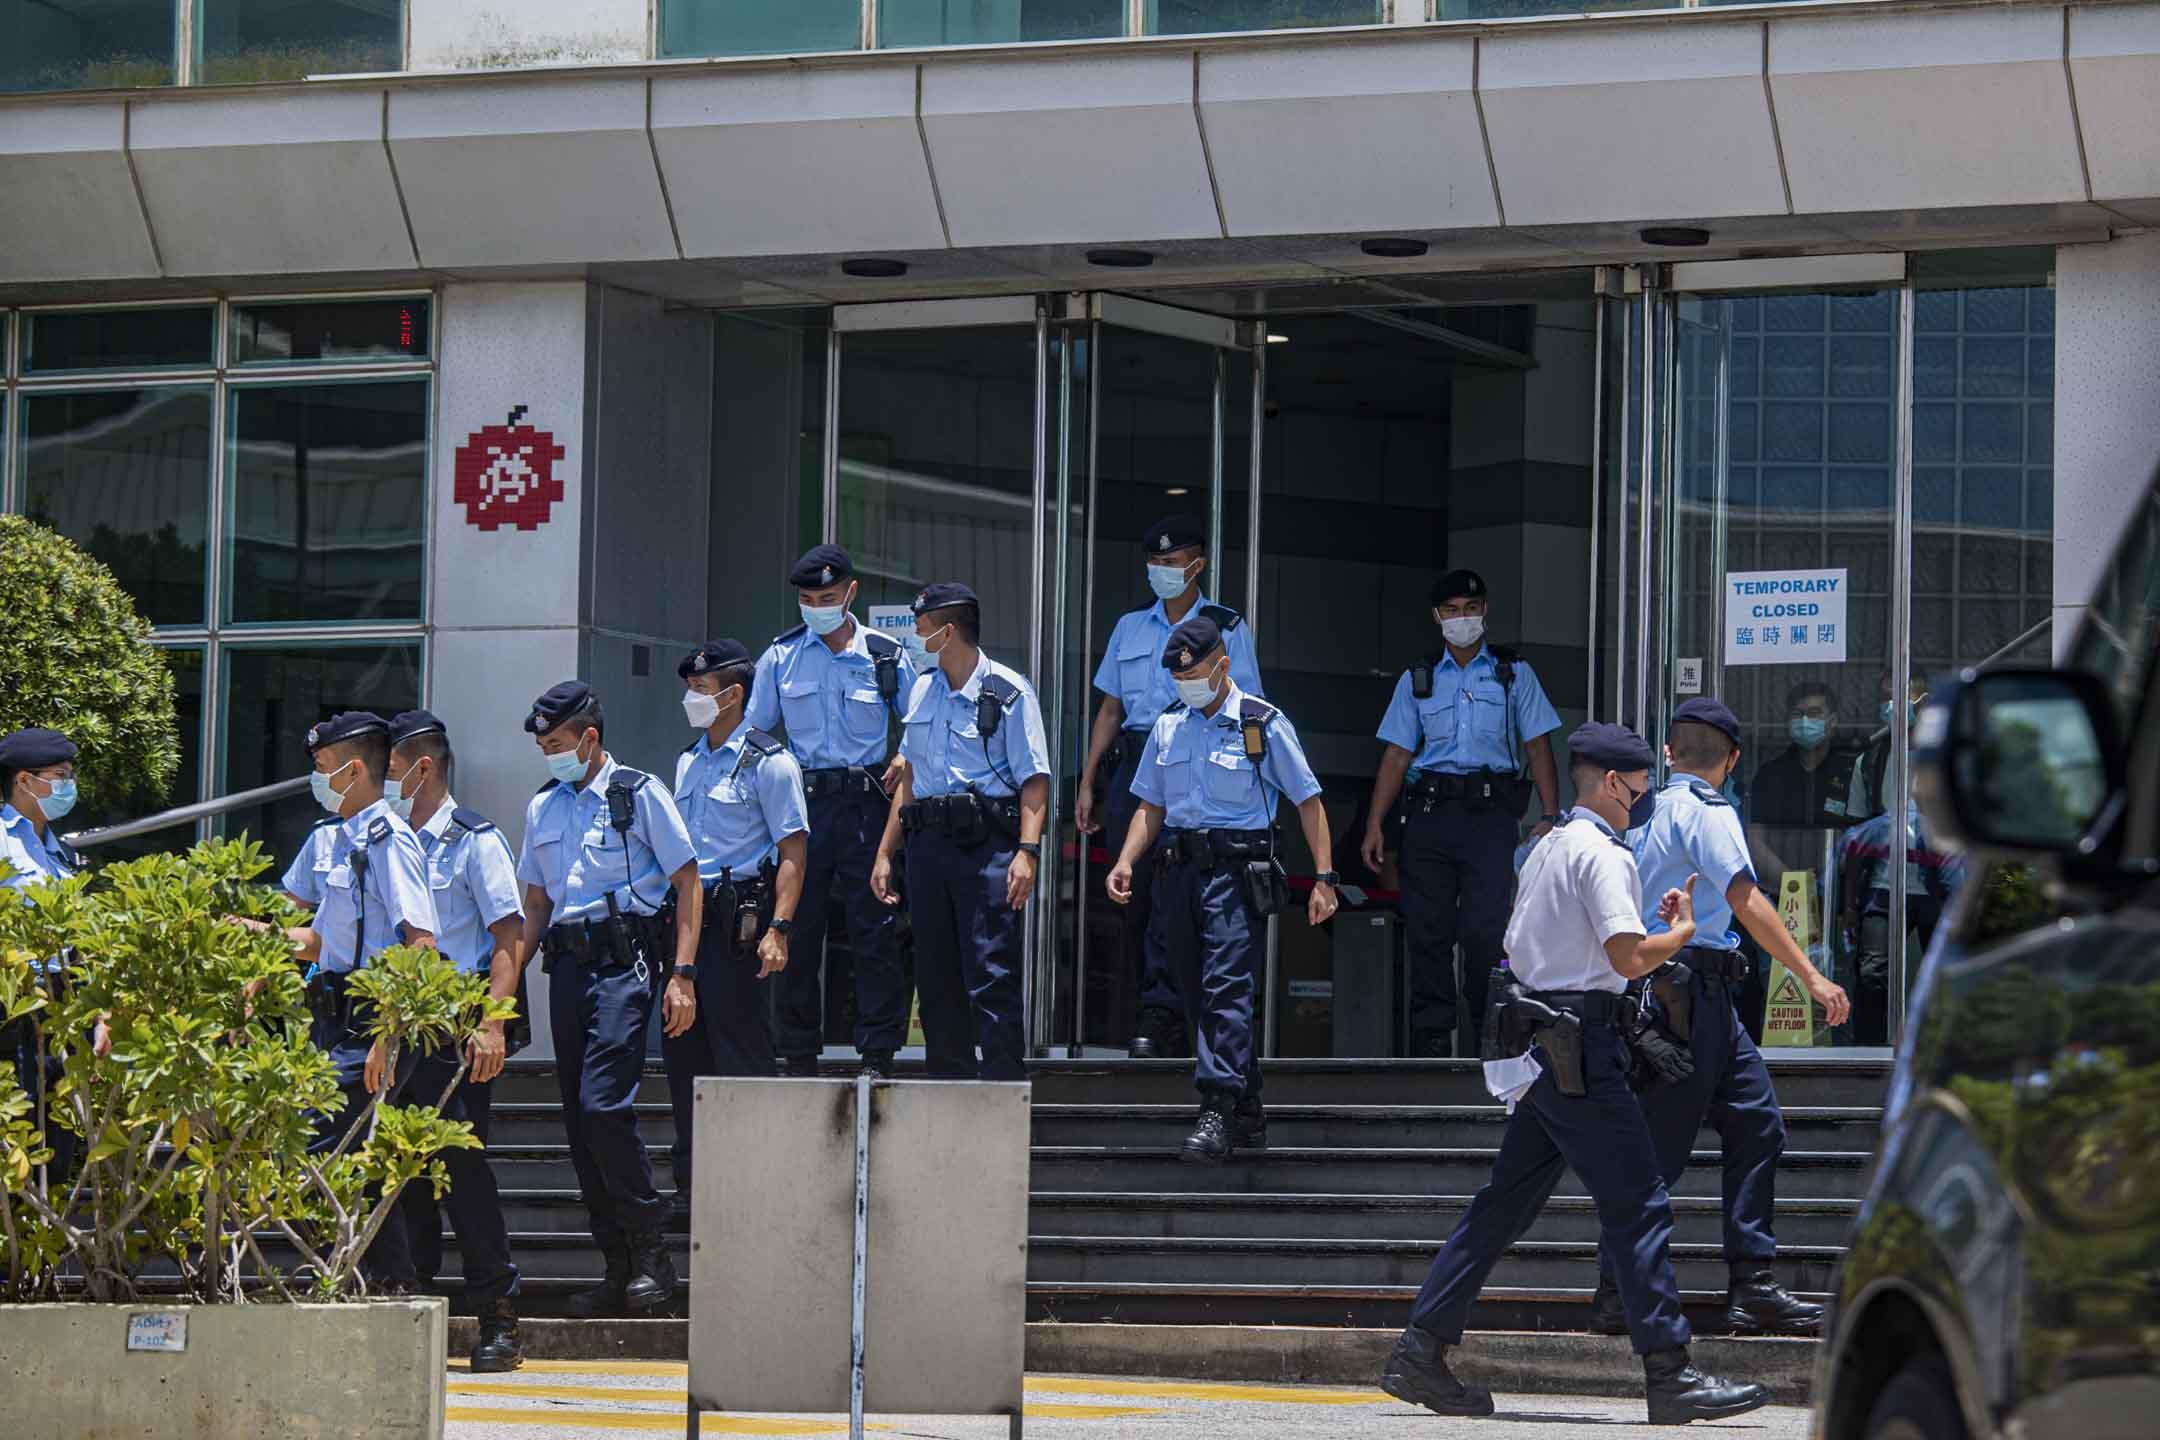 2021年6月17日將軍澳,大批警員走出蘋果大樓。